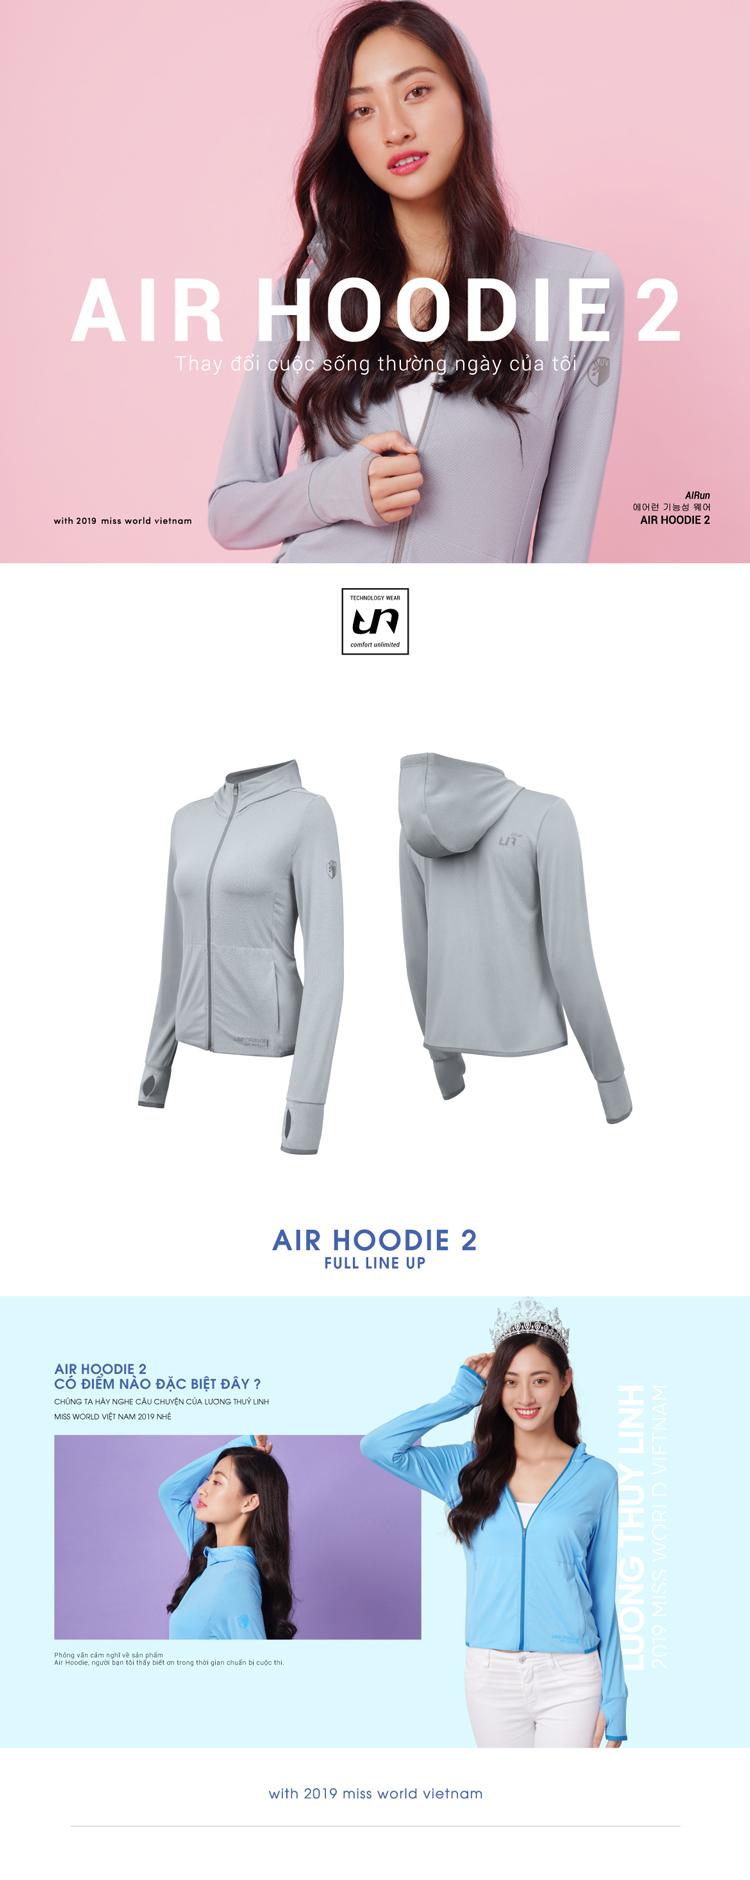 Áo khoác nữ Air Hoodie LO19707101-G 1